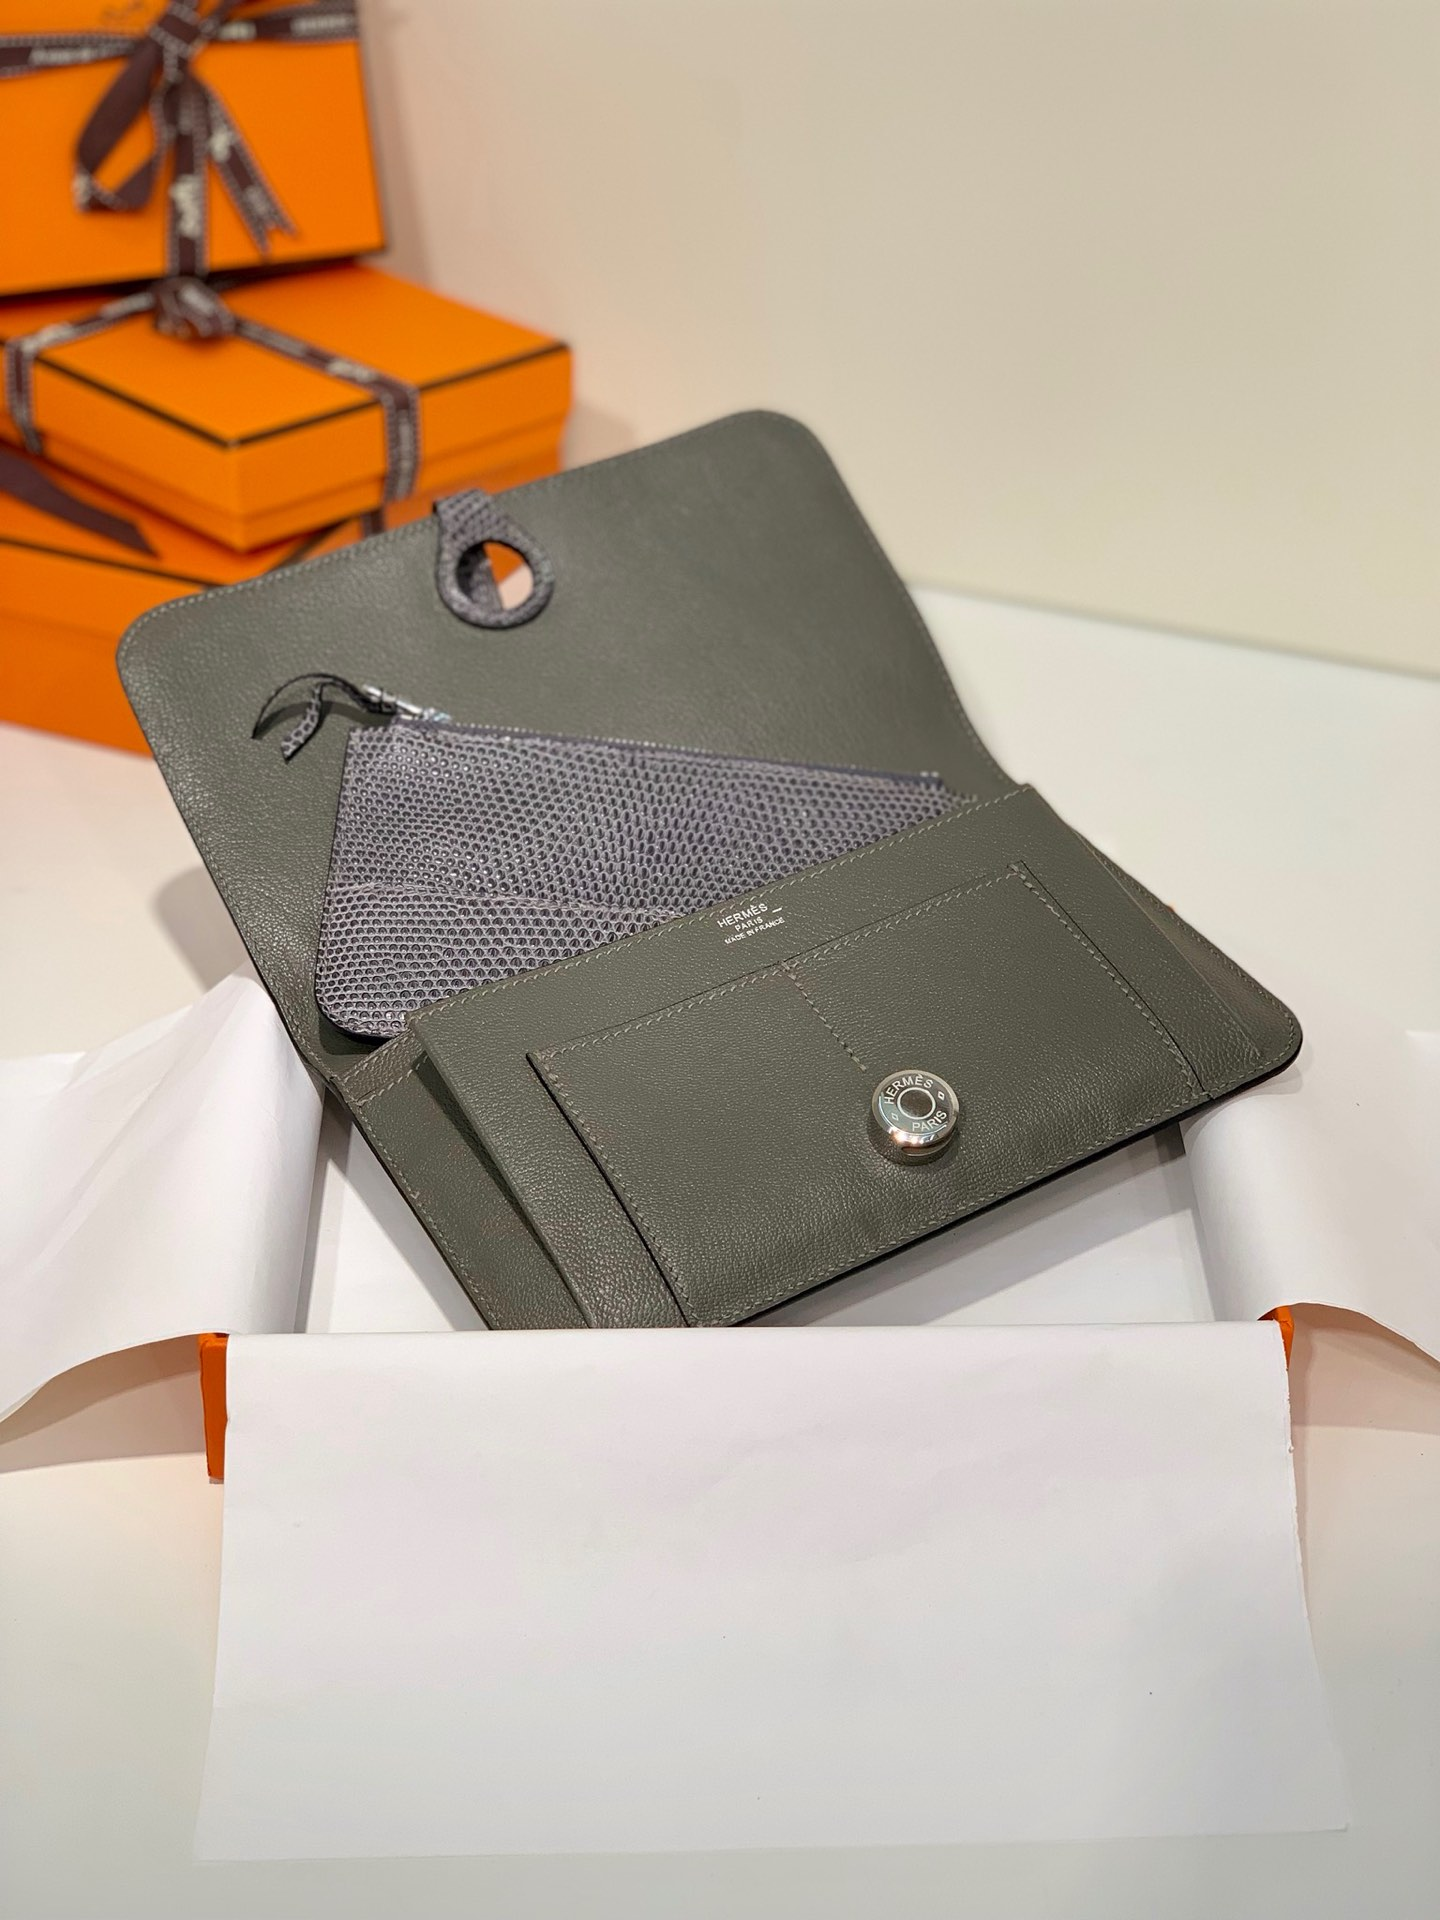 爱马仕Dogon护照本手包 Hermes铁灰色顶级蜥蜴皮钱包卡包 银扣